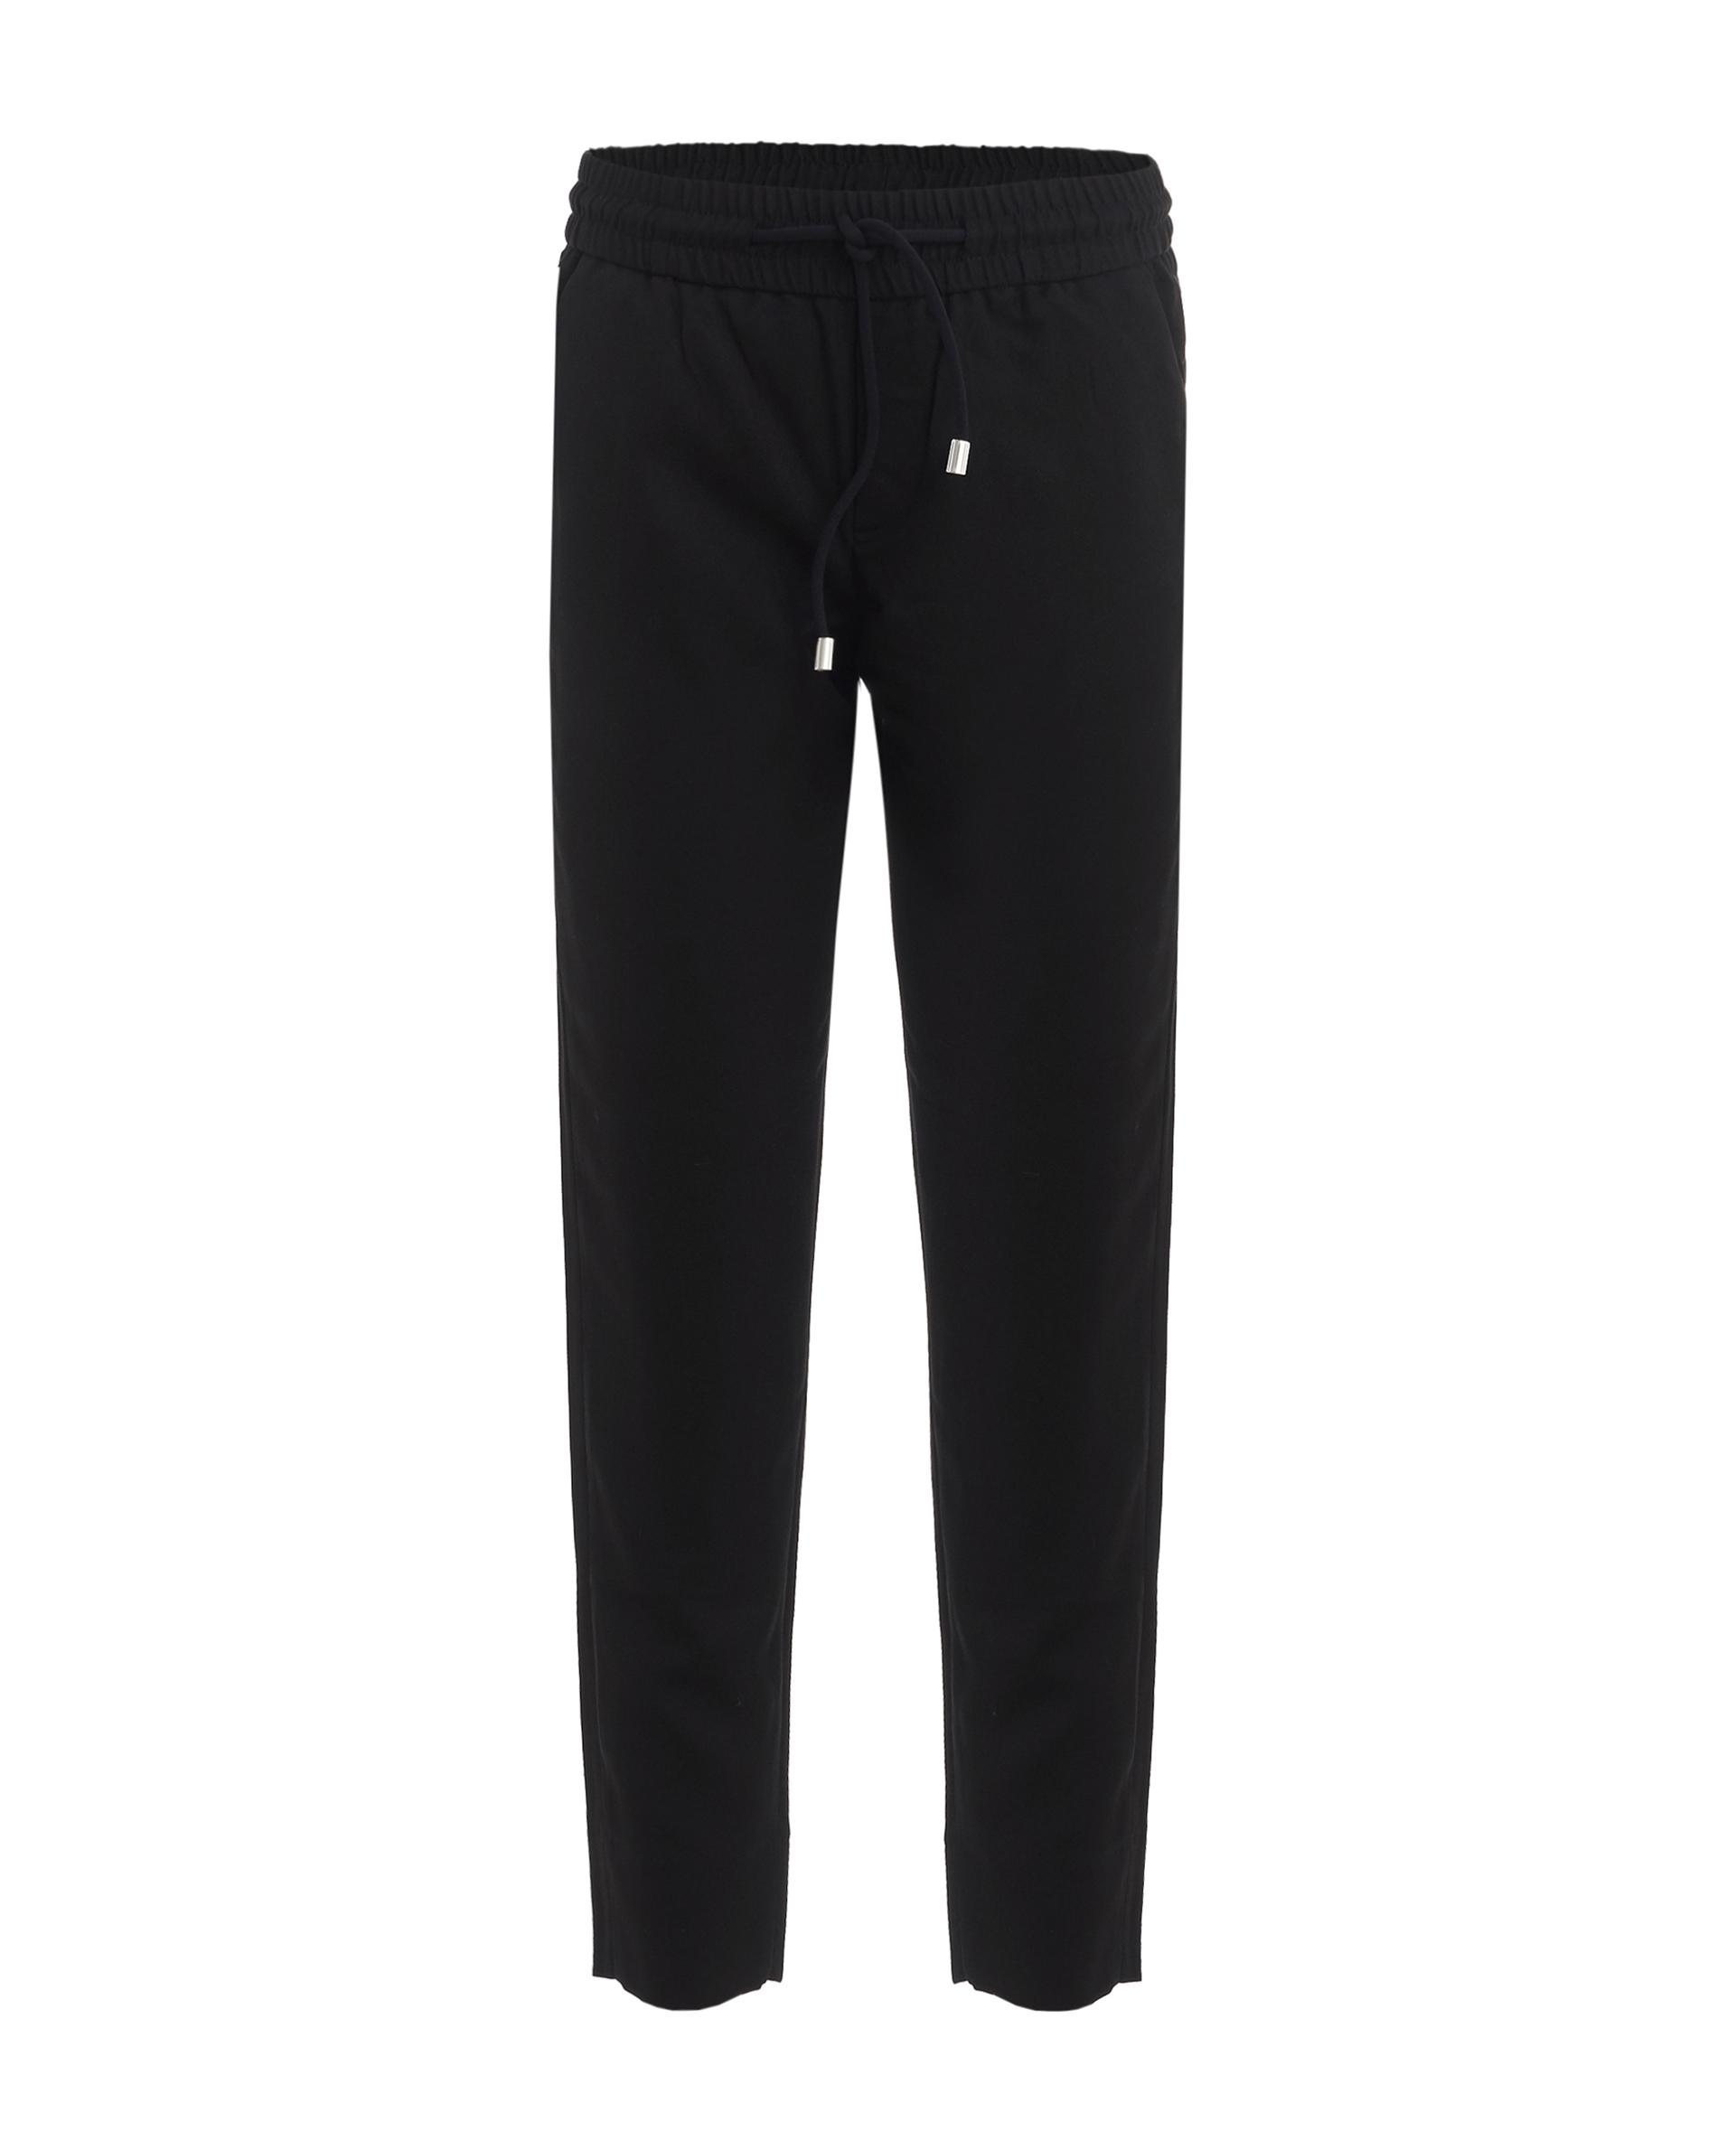 Купить 219GSGC6306, Черные брюки на резинке Gulliver, черный, 128, Женский, ШКОЛЬНАЯ ФОРМА 2019-2020 (shop: GulliverMarket Gulliver Market)